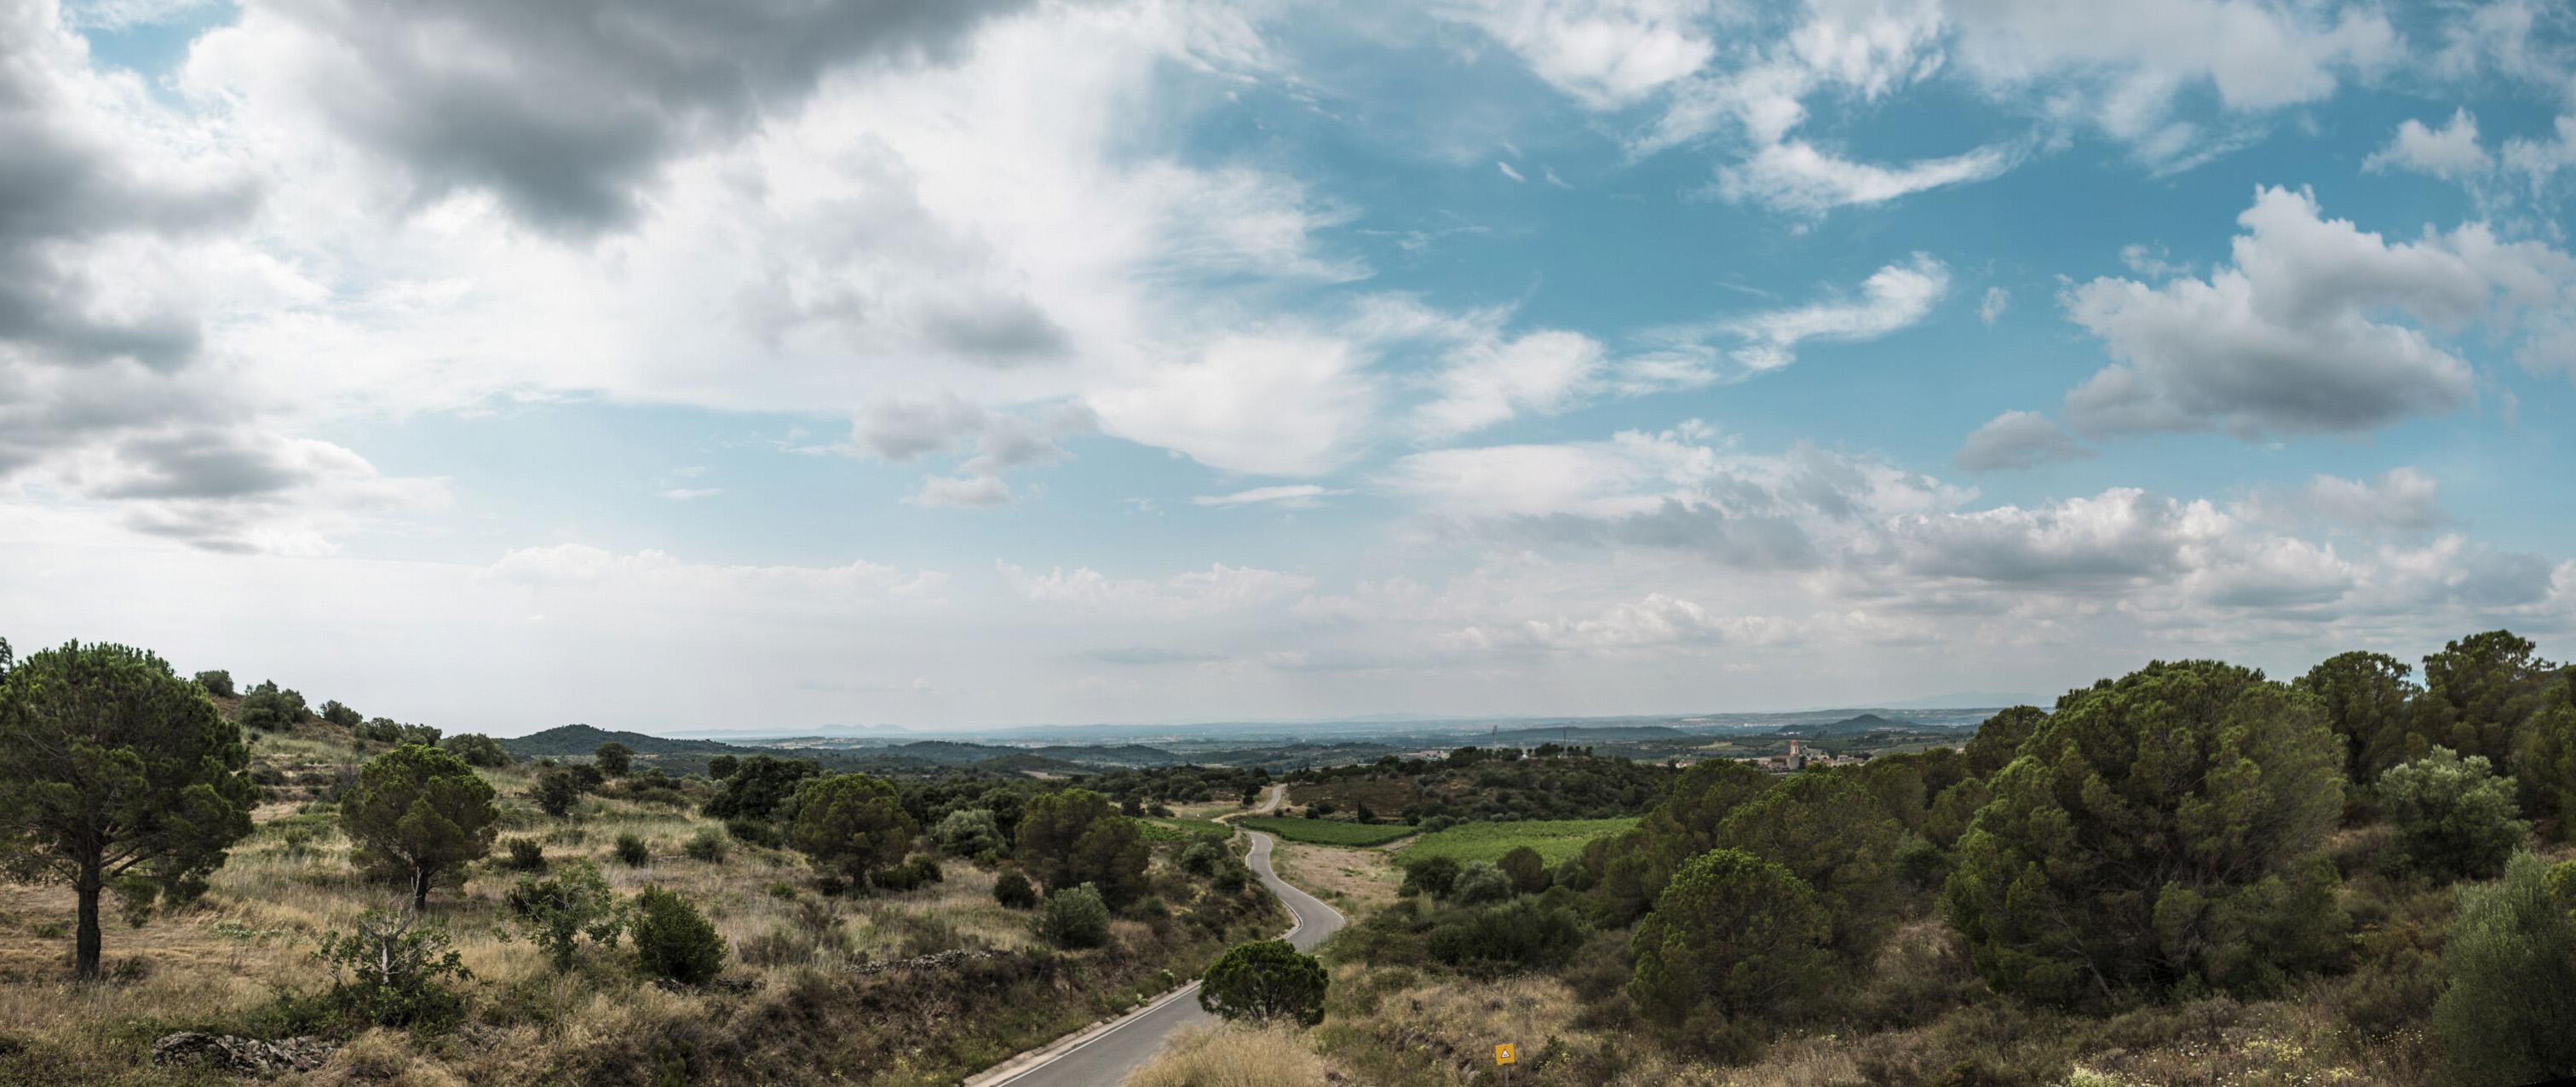 _BKF1300 Panorama